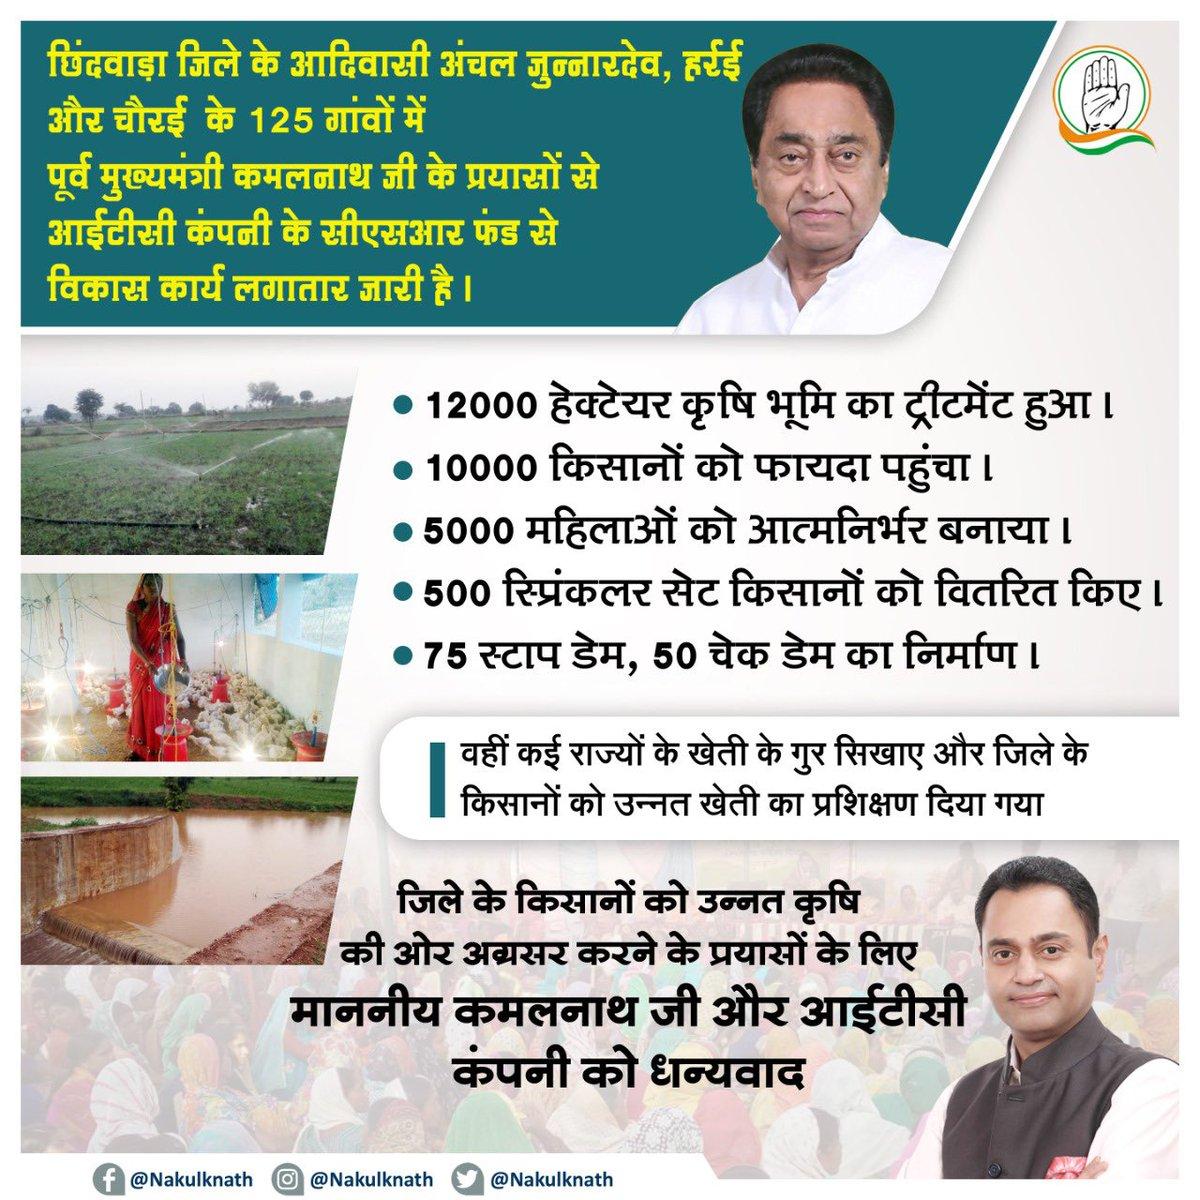 मध्यप्रदेश के पूर्व मुख्यमंत्री माननीय कमलनाथ जी के अथक प्रयासों से आई.टी.सी कंपनी के सी.एस.आर फंड से हमारे छिन्दवाड़ा जिले के किसानों को उन्नत कृषि की ओर अग्रसर करने के लिए @OfficeOfKNath जी और @ITCCorpCom कंपनी को हृदय से धन्यवाद देता हूँ ।